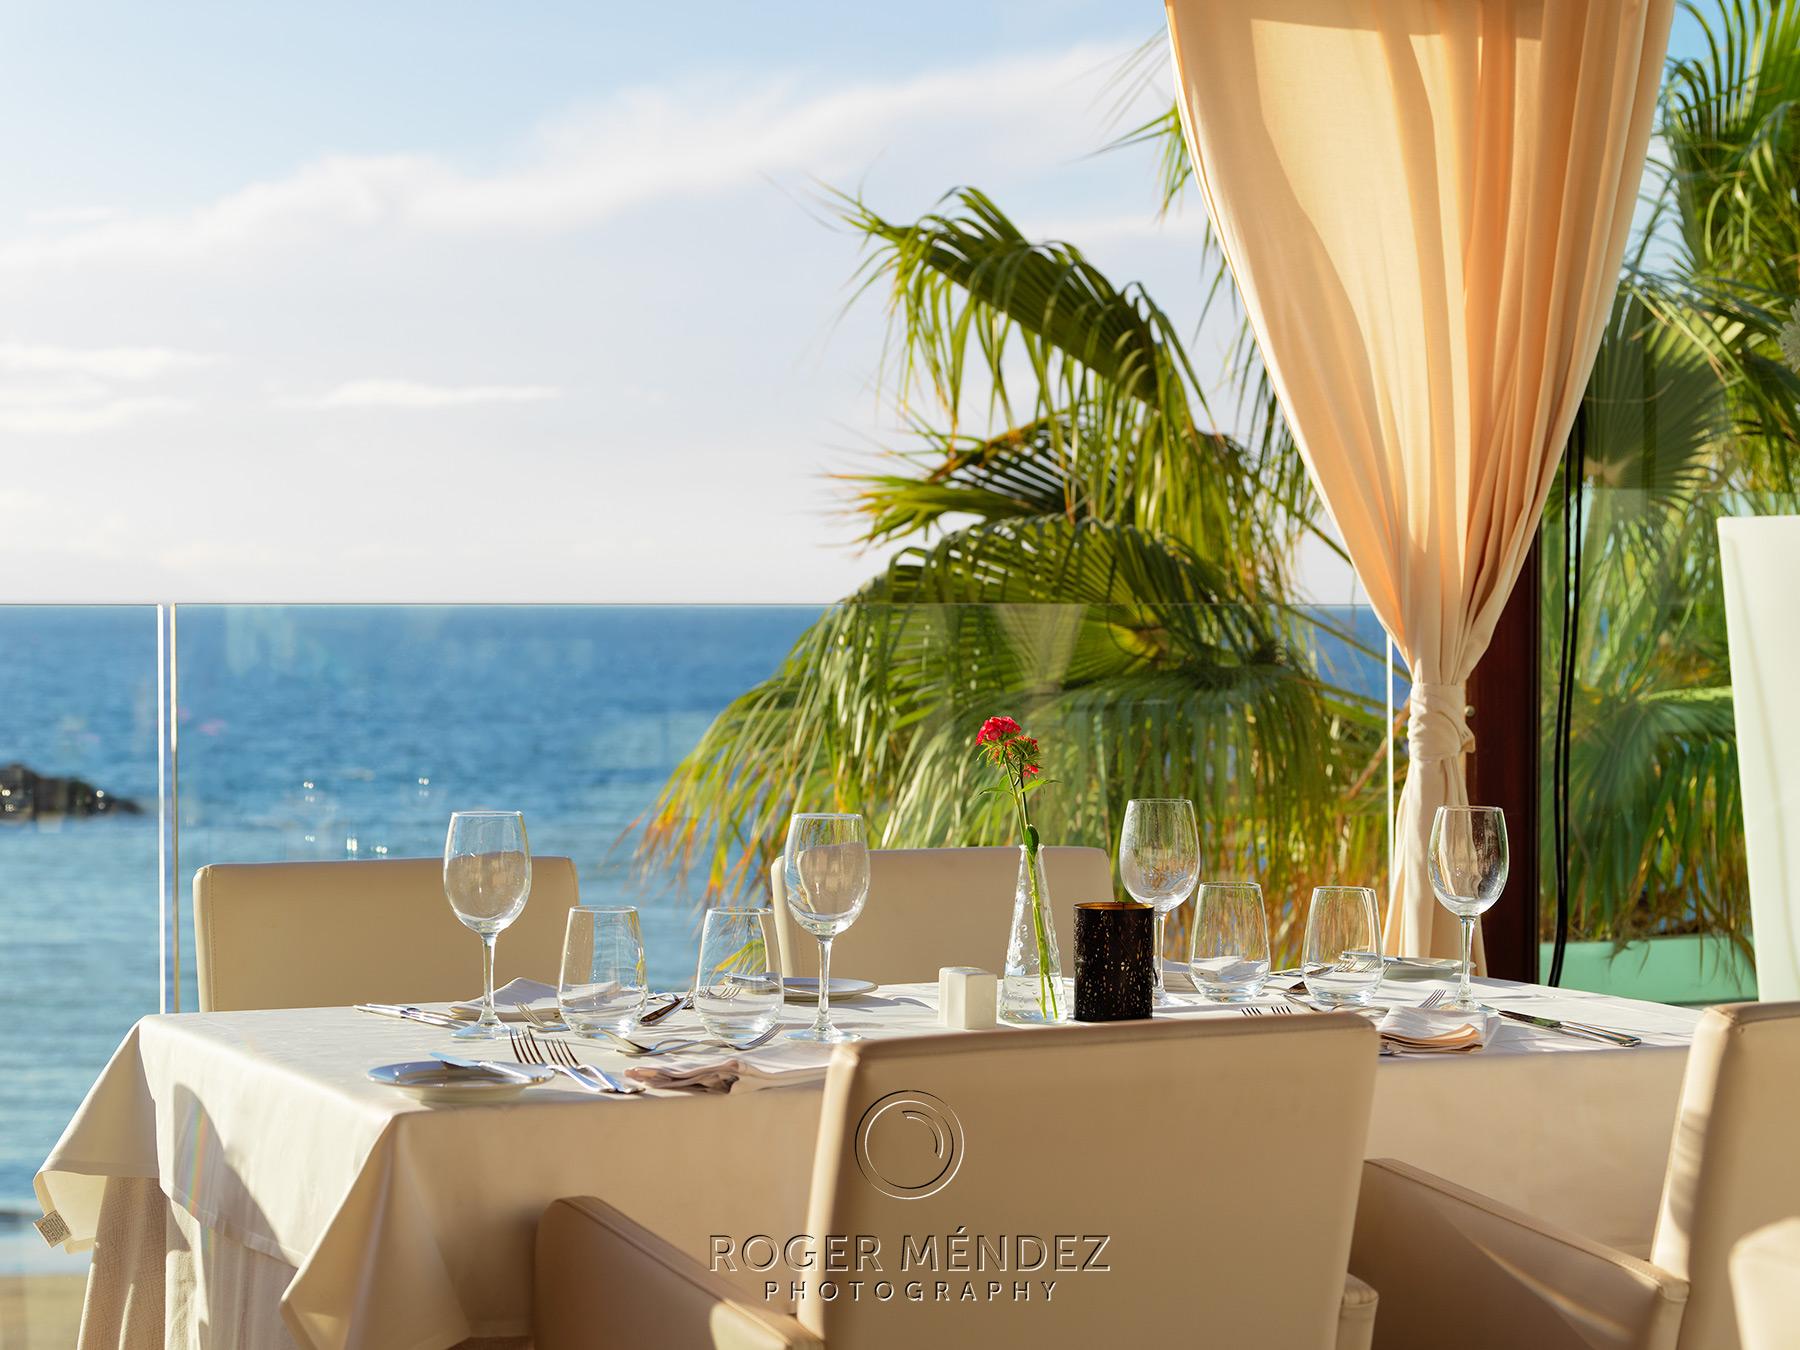 Restaurante El Mirador. Montaje cena. Vista detalle